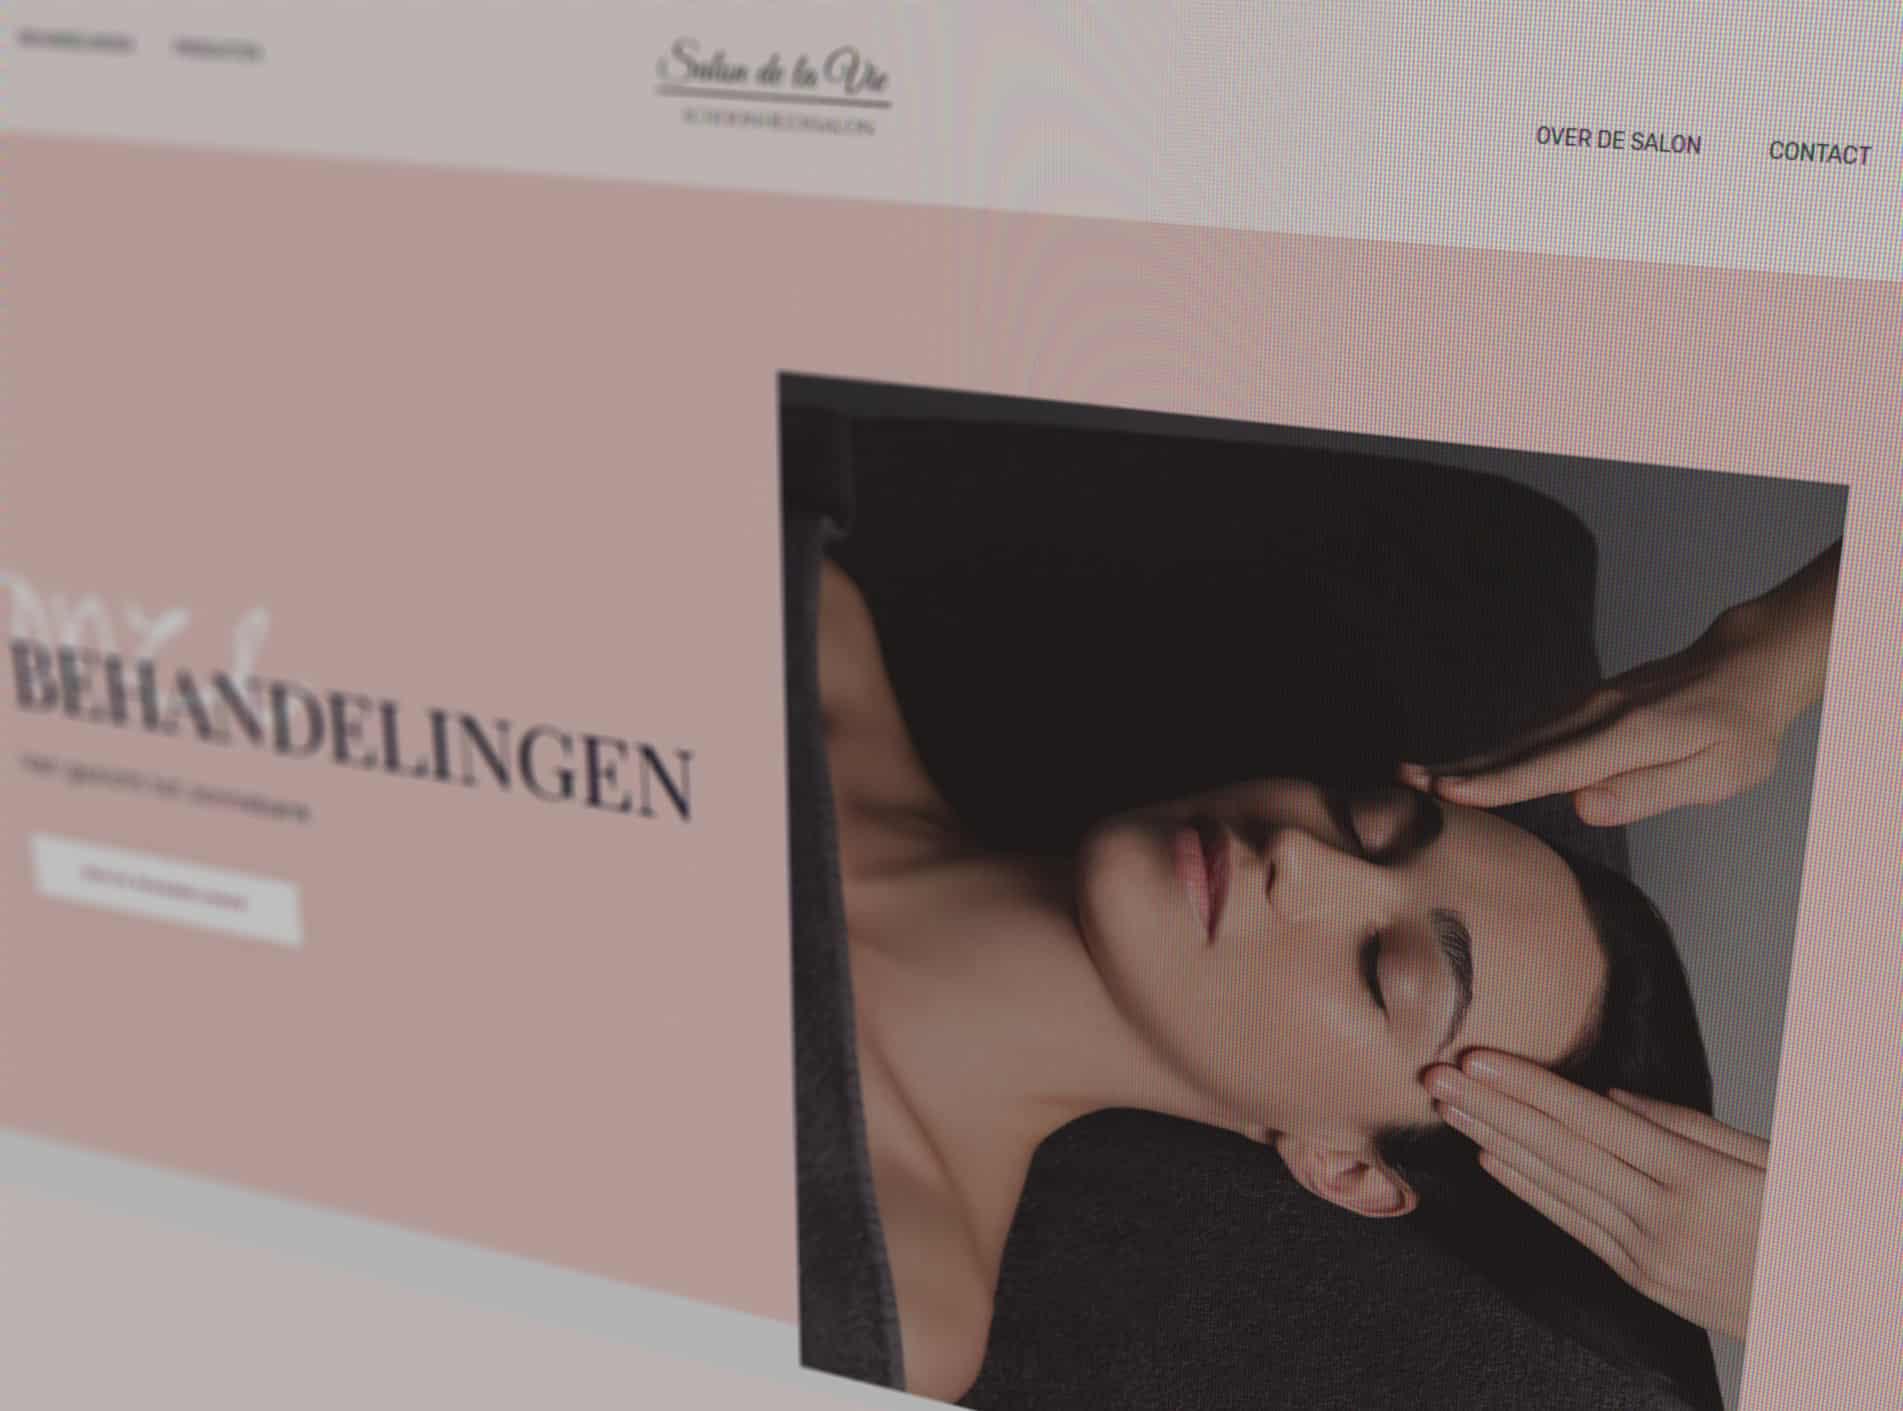 Salon de la Vie website